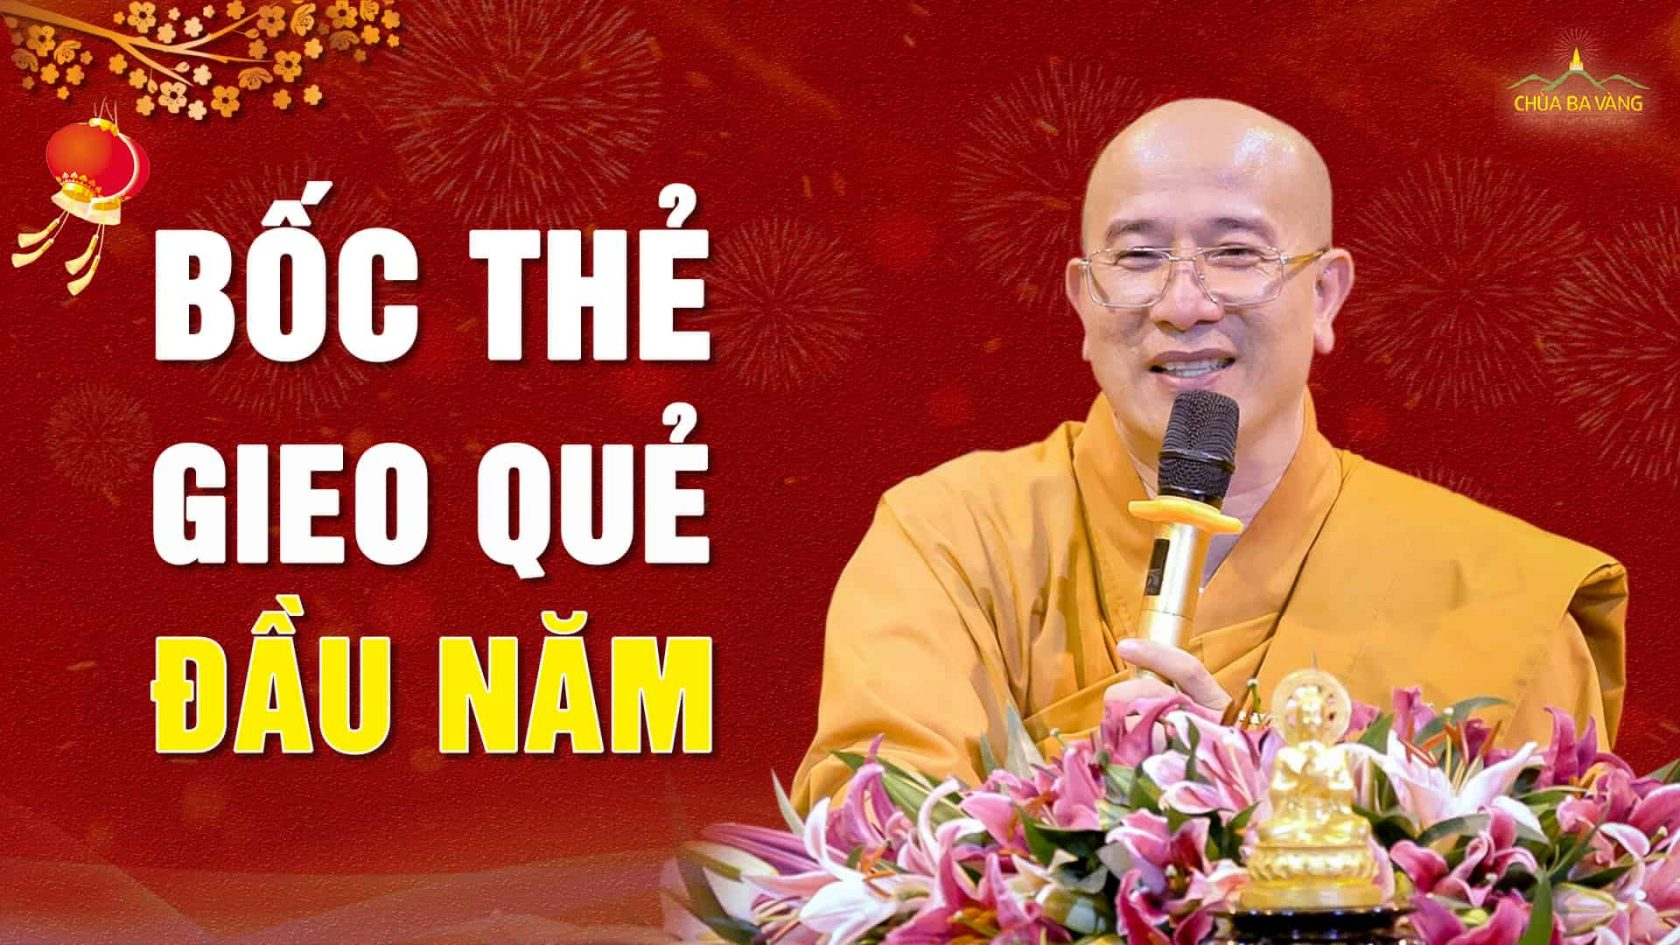 Gieo quẻ đầu năm - Thầy Thích Trúc Thái Minh - Chùa Ba Vàng